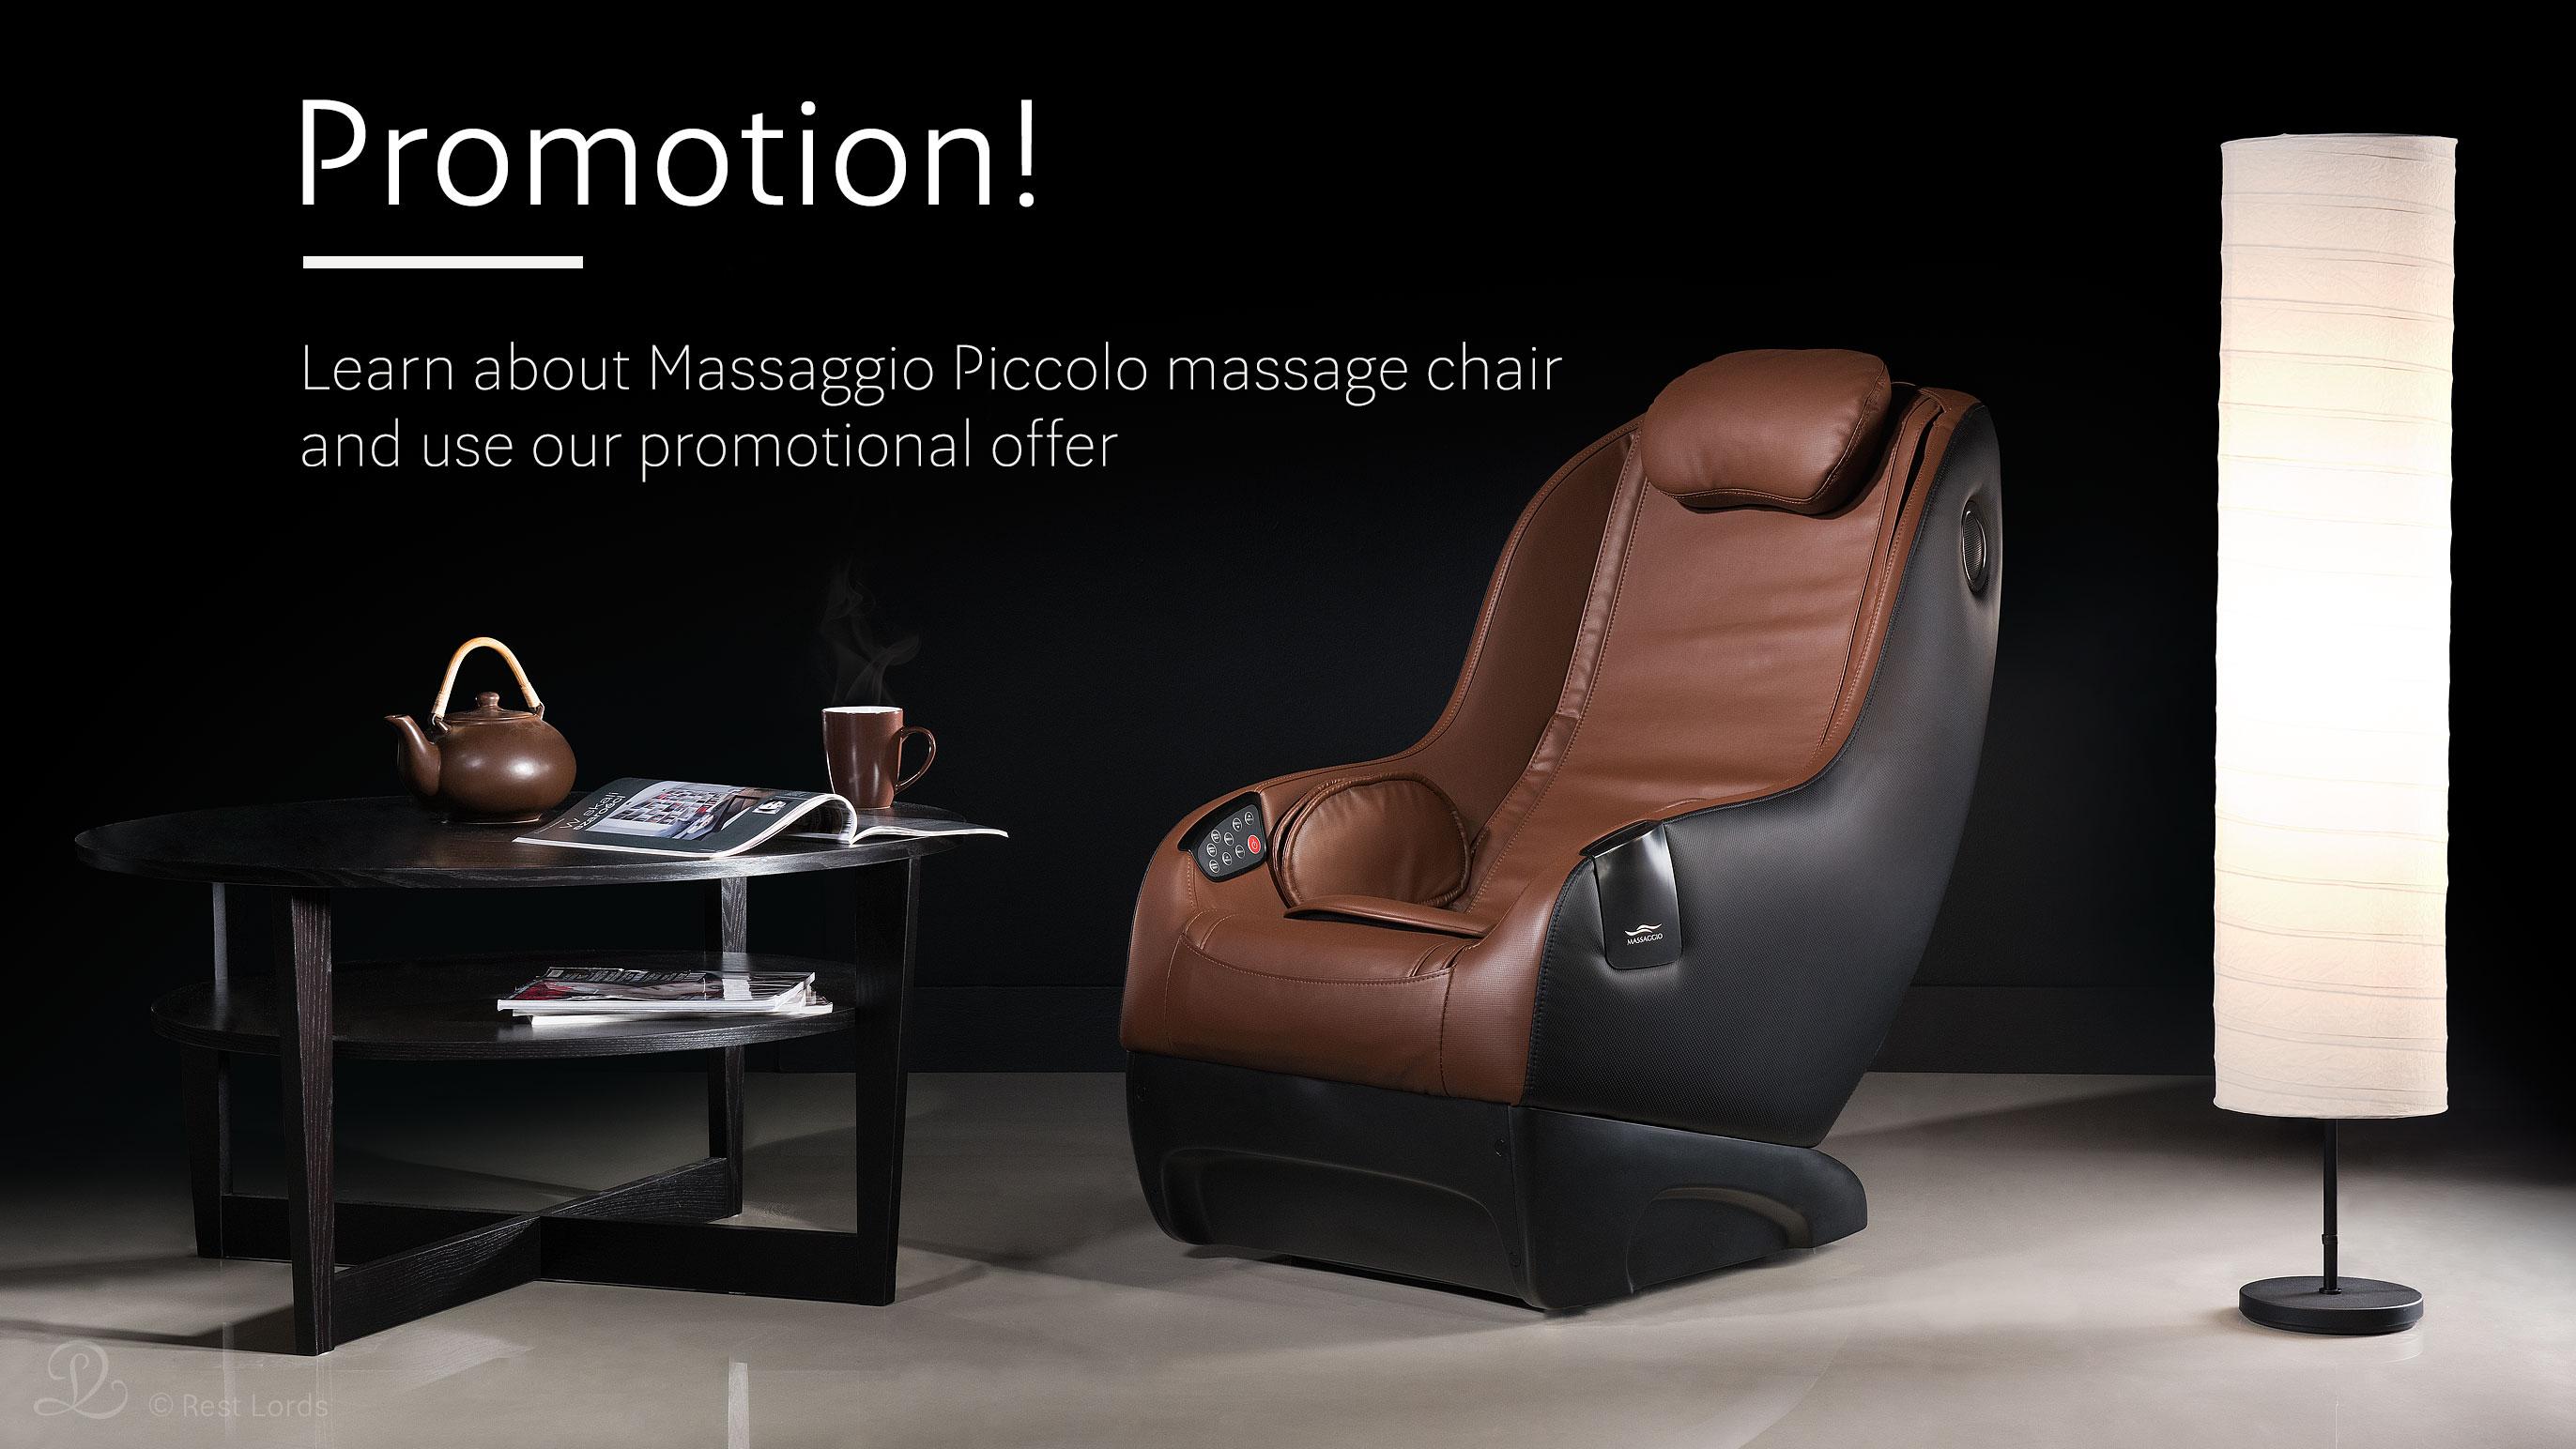 Massage chair Massaggio Piccolo on sale promotion